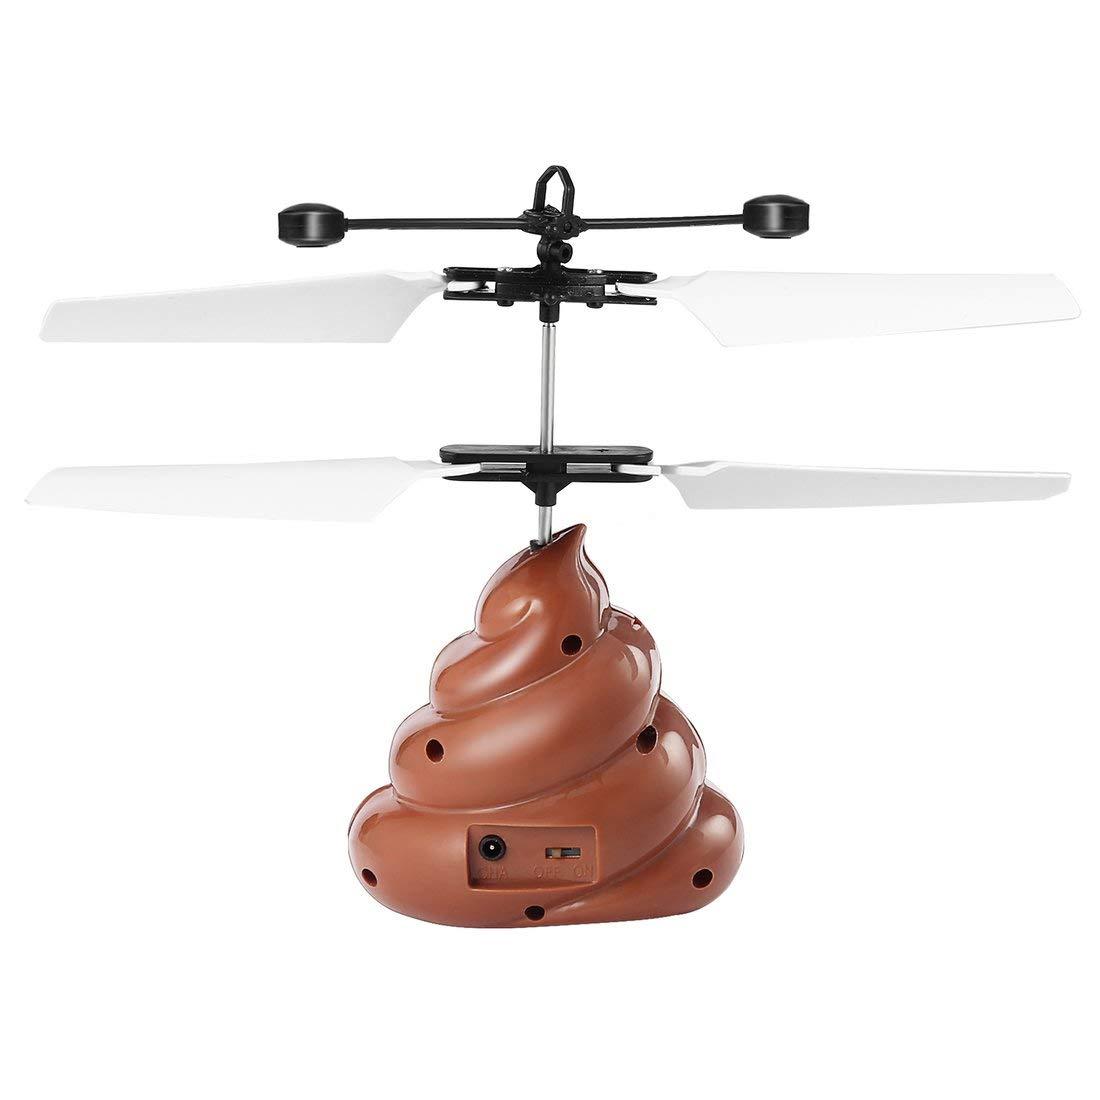 Poop a Forma di Volo in bilico UFO Sensore a infrarossi Disco Volante Mano indotta in bilico Volo Galleggiante Fantastico LED Kids Toys Formulaone